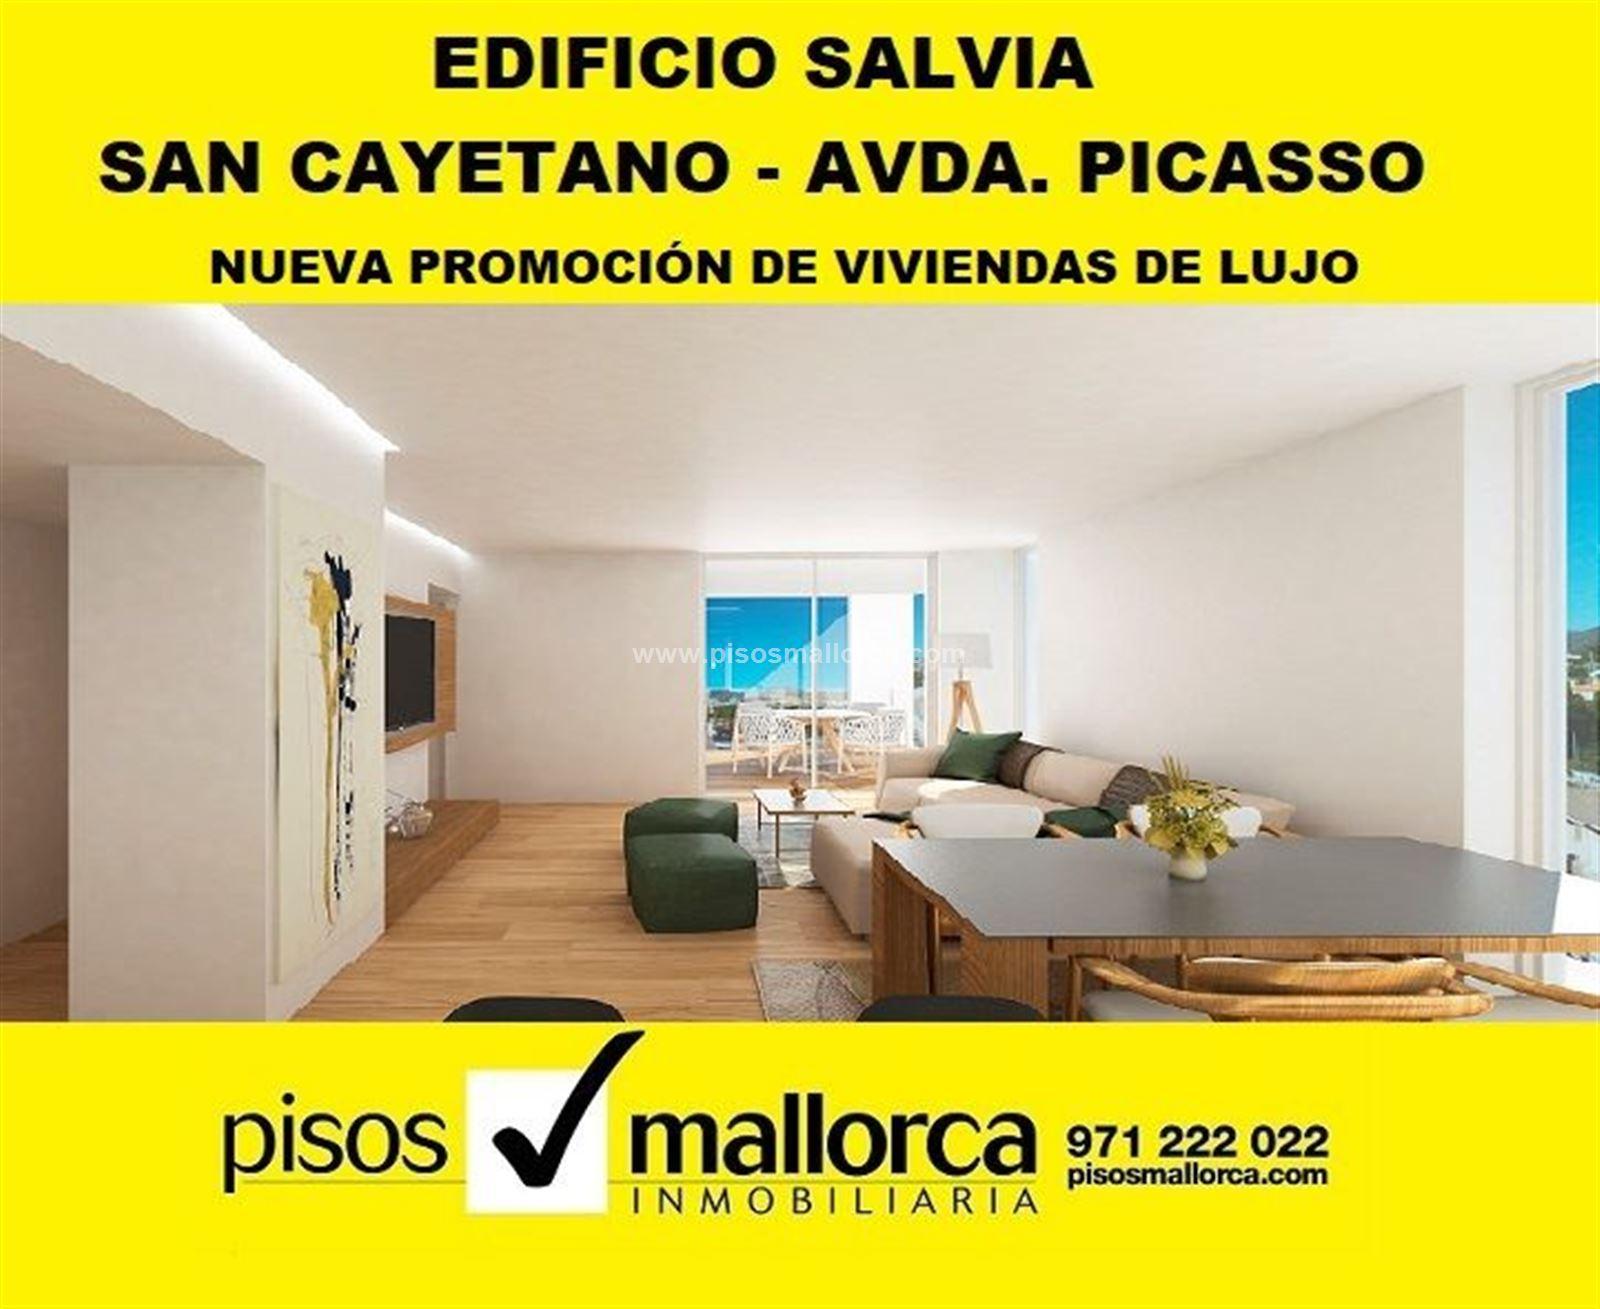 PISO. PALMA DE MALLORCA , area SON ESPAÑOLET